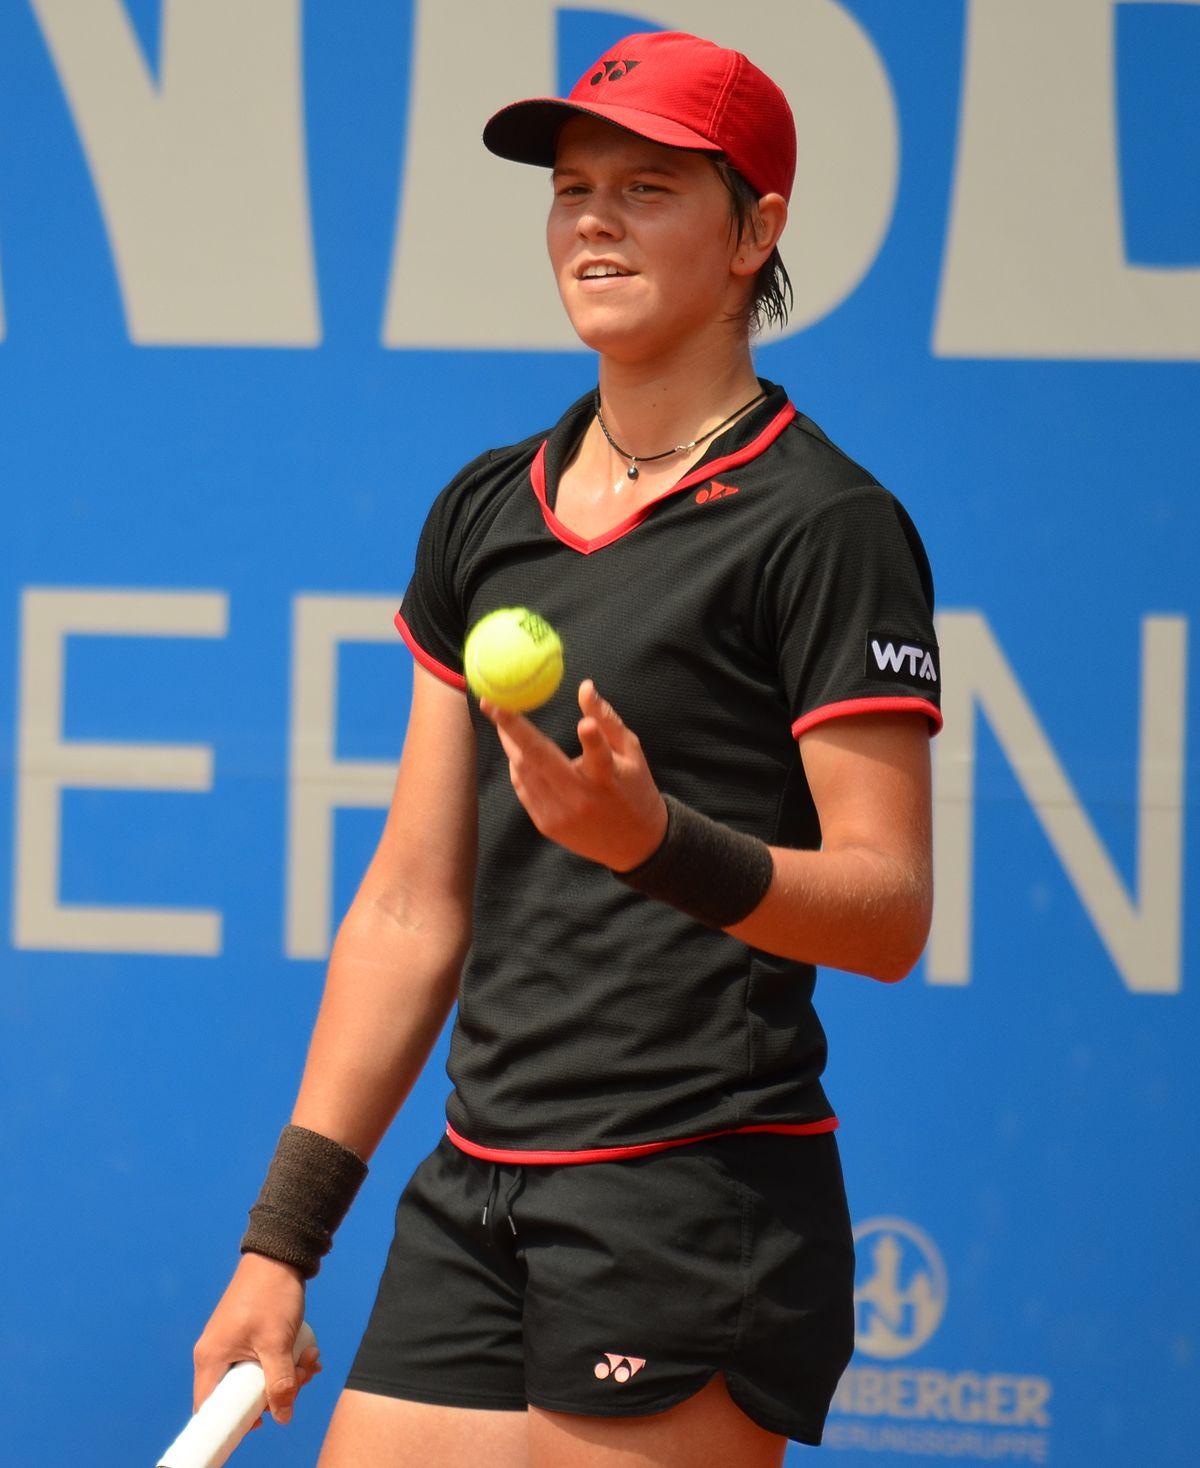 Katharina Gerlach Tennisspielerin Wikipedia